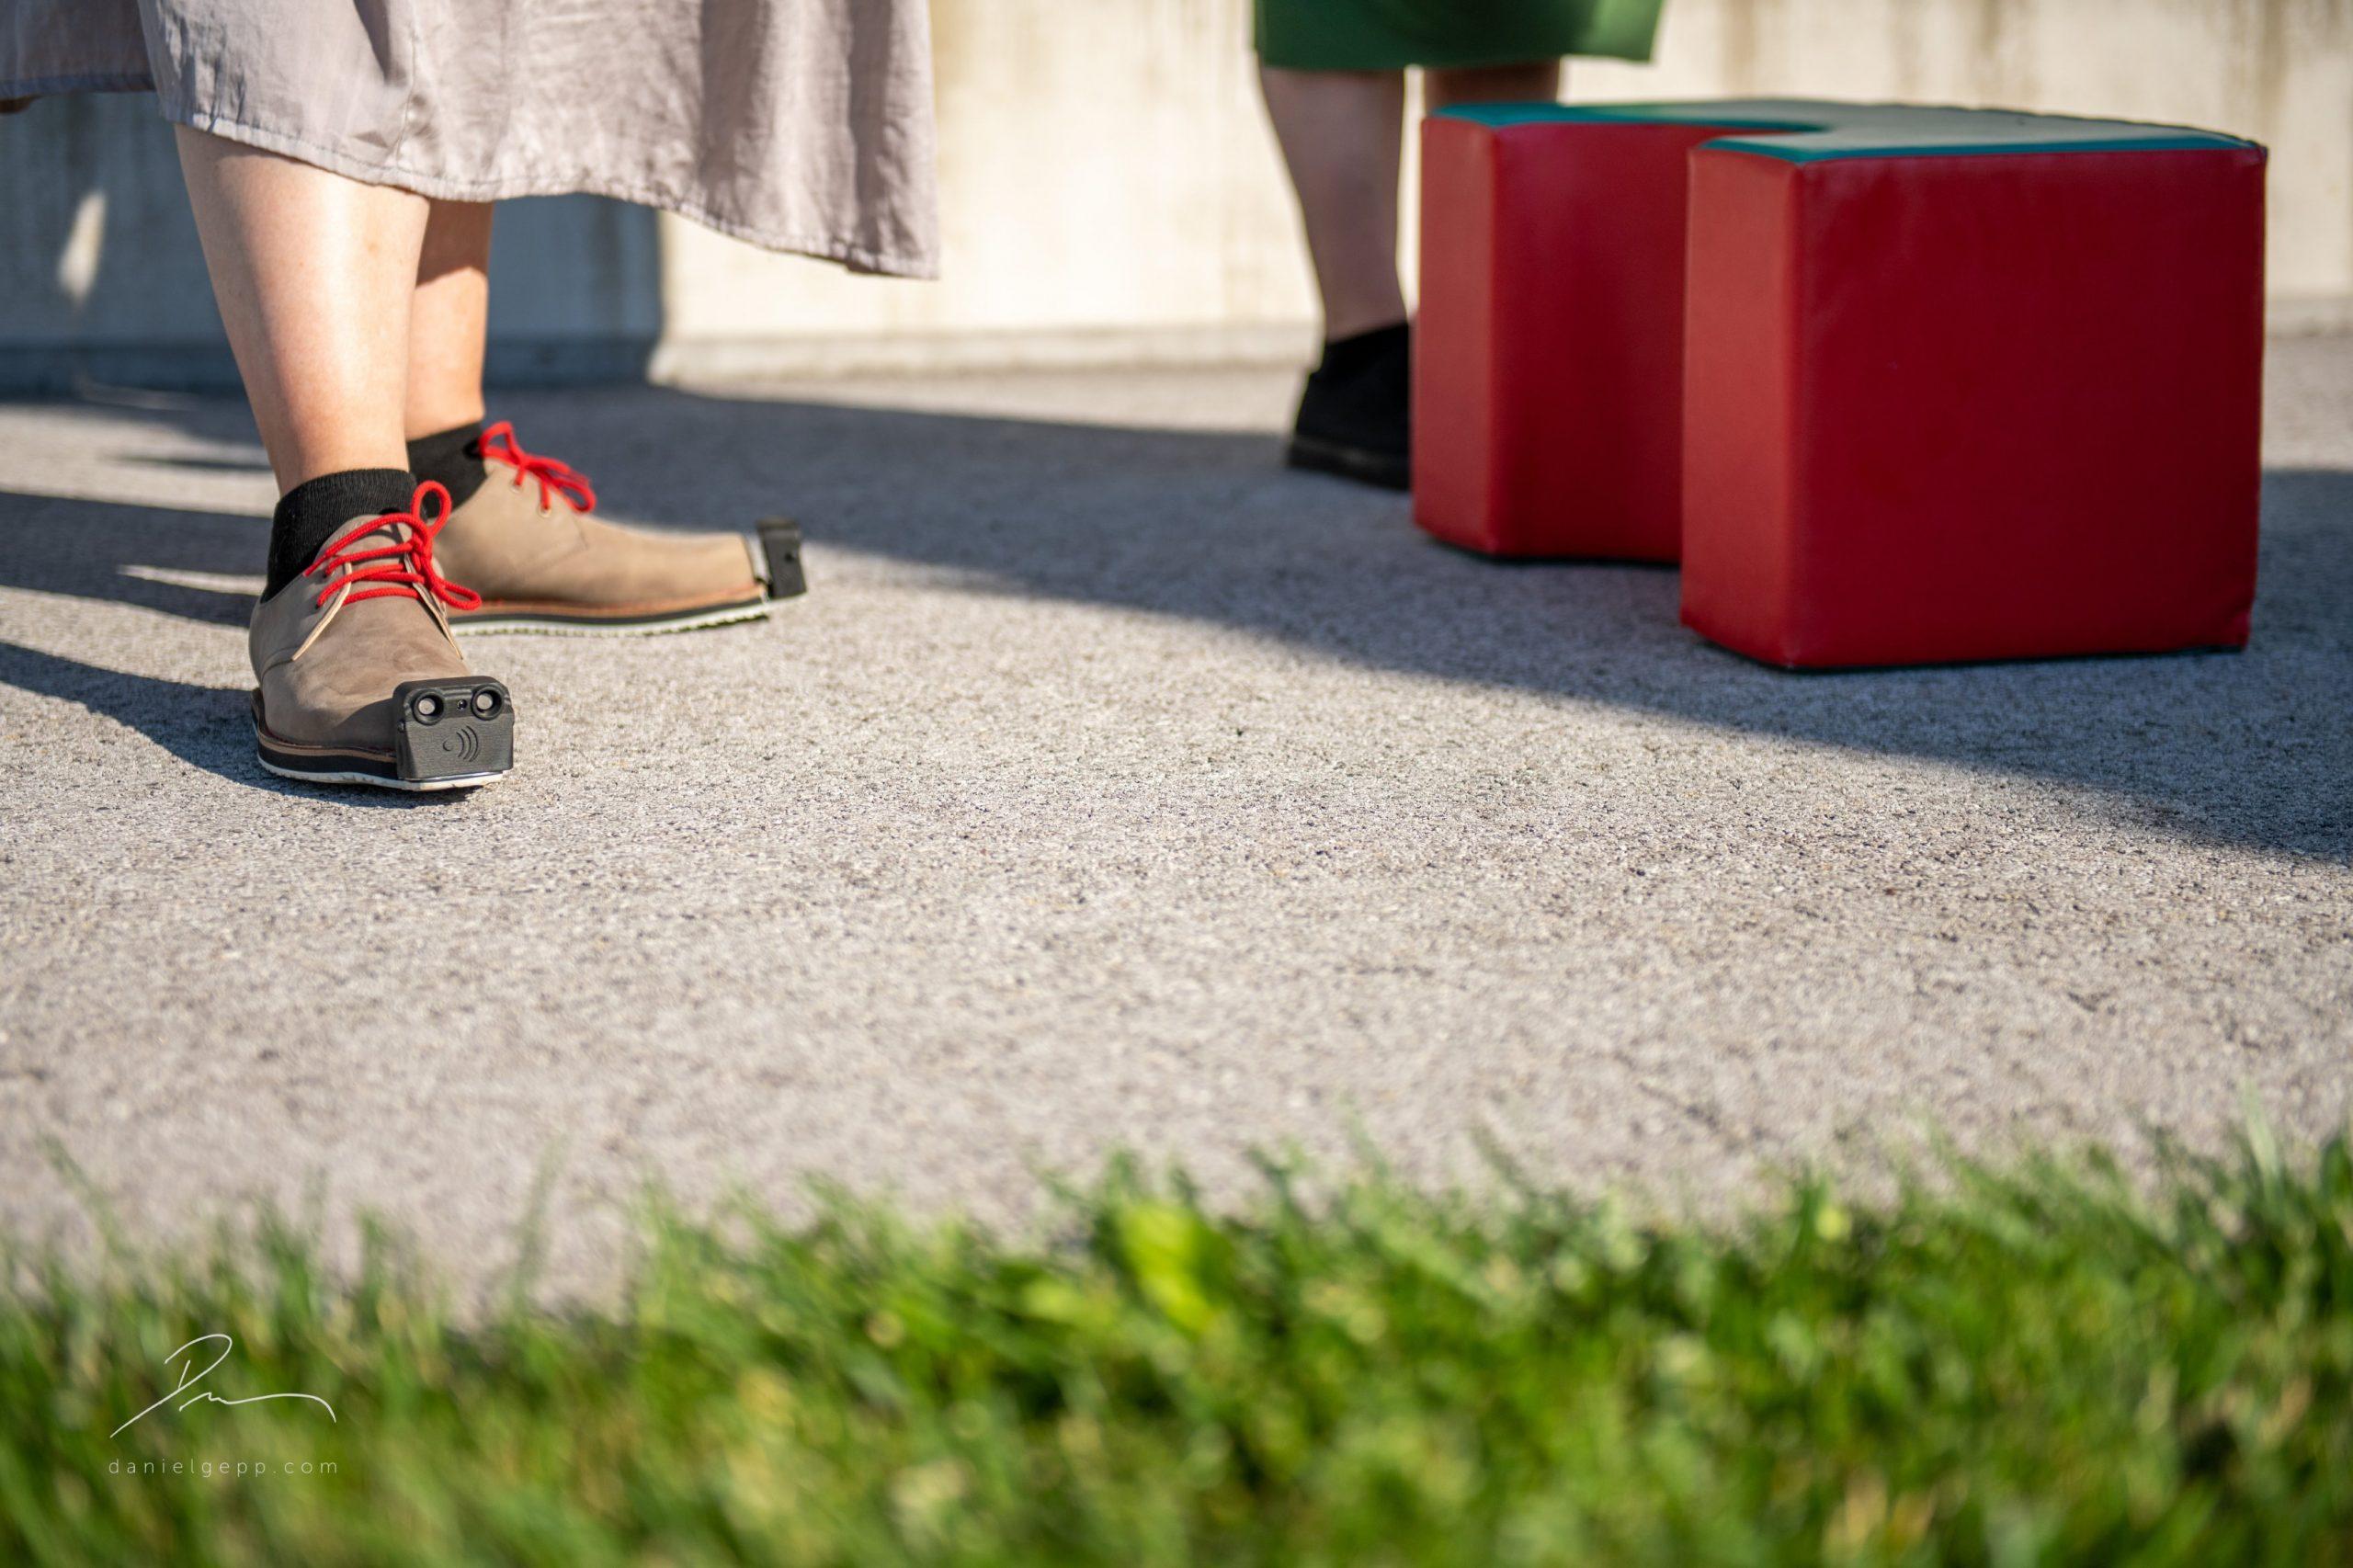 Kundin beim Testen des InnoMake (braune Schuhe, schwarzes Aufsatzteil) auf unserem Hindernisparcour